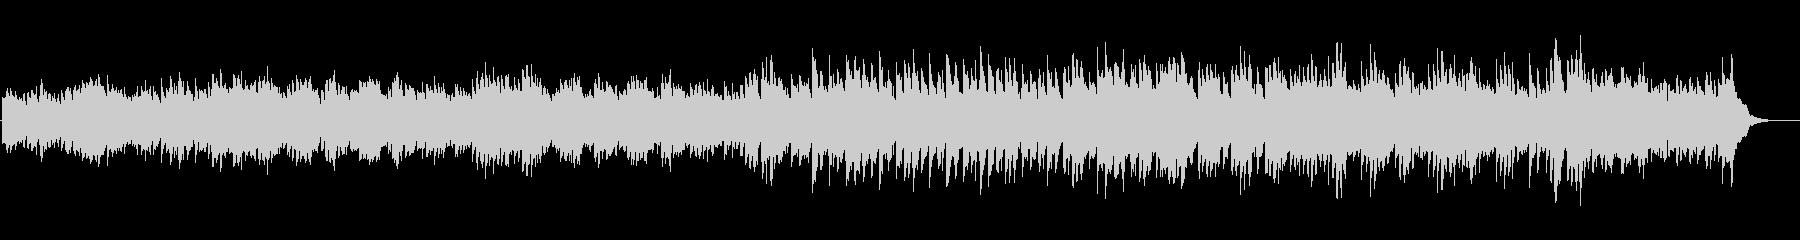 切ない別れの幻想的なピアノオリジナルの未再生の波形